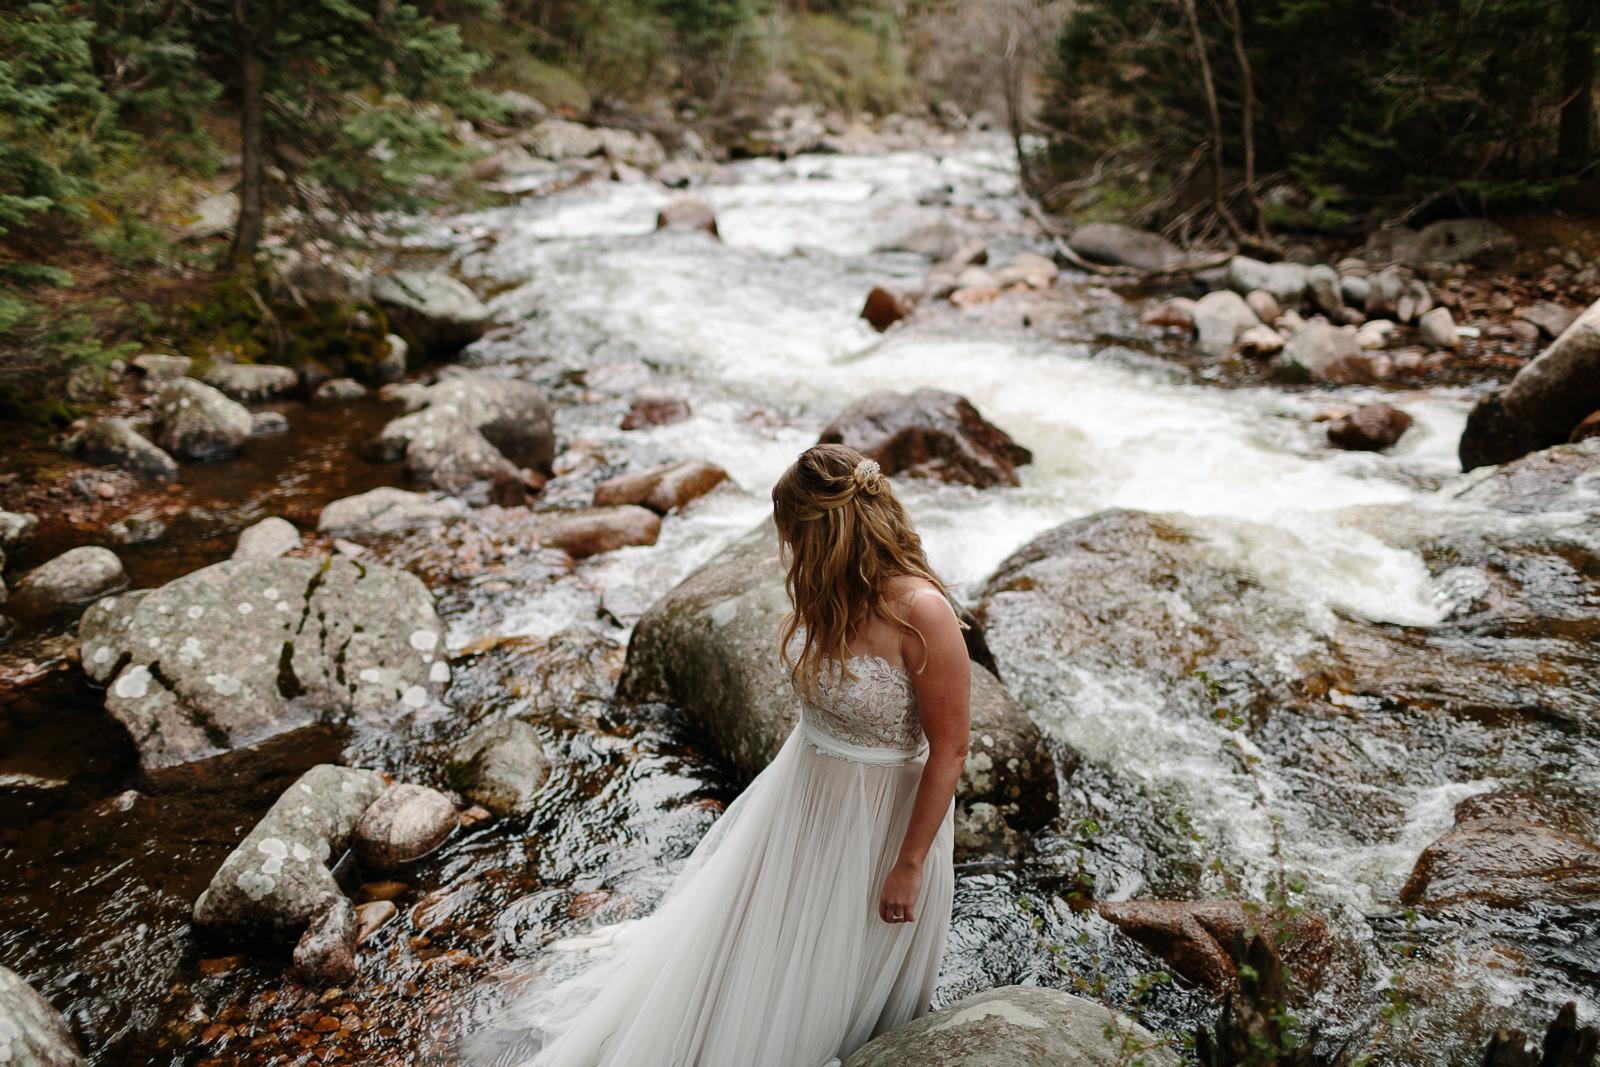 075-vail-elopement-photographer-chris-and-tara.jpg